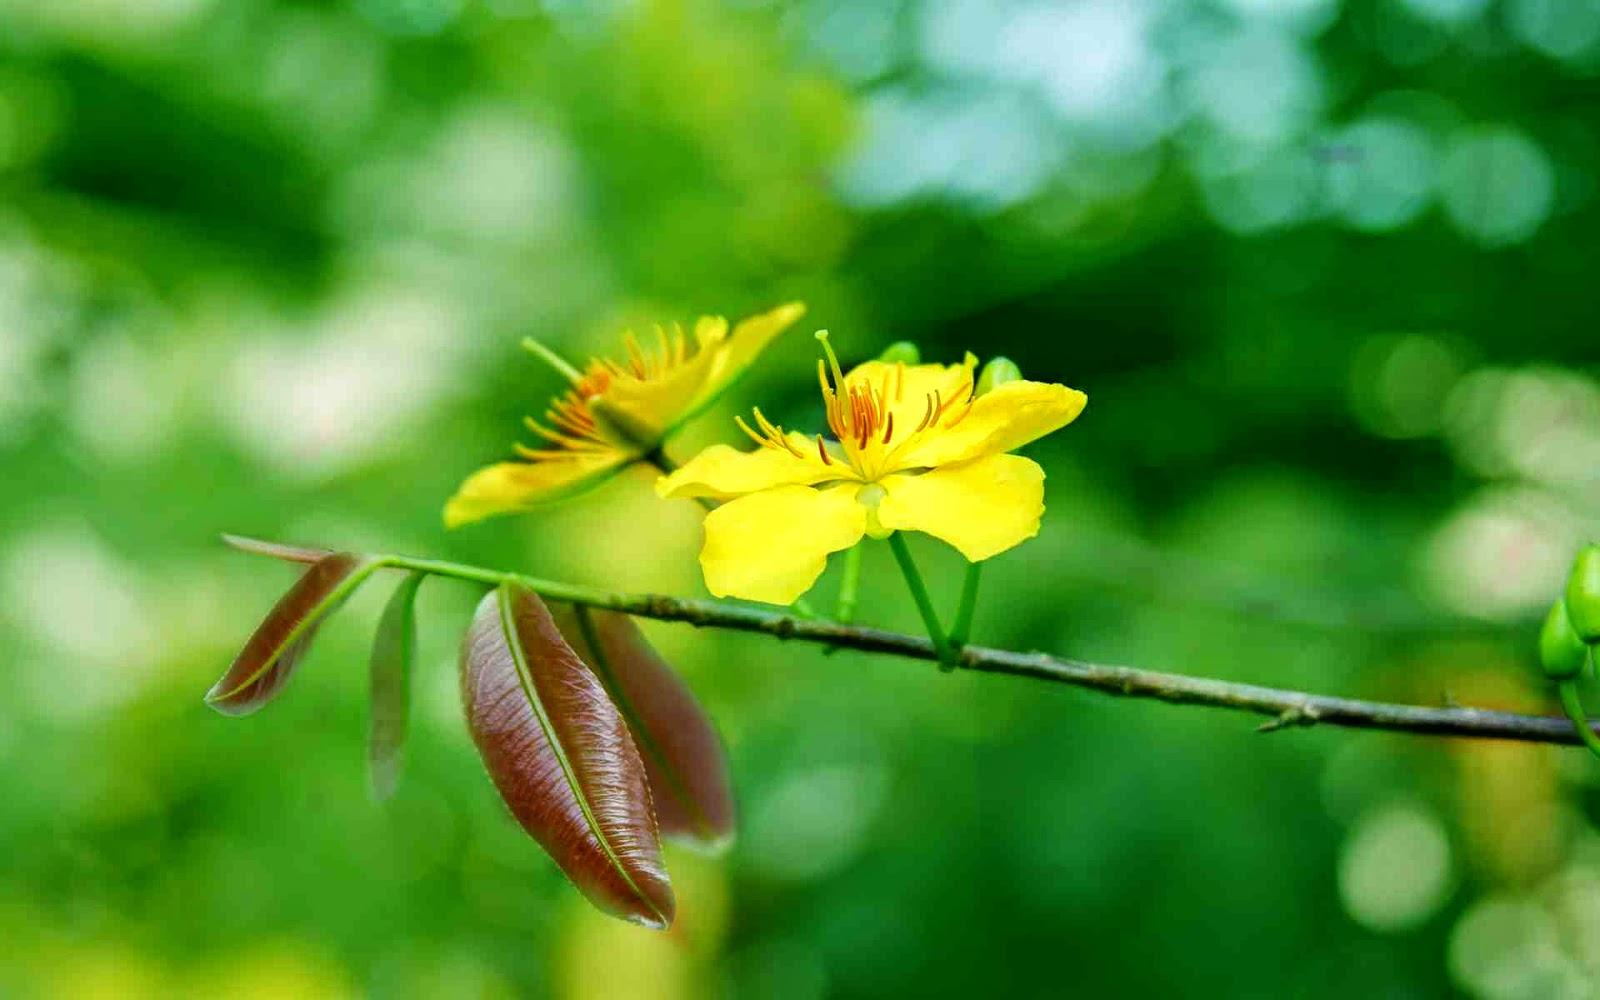 kho hình hoa mai đẹp